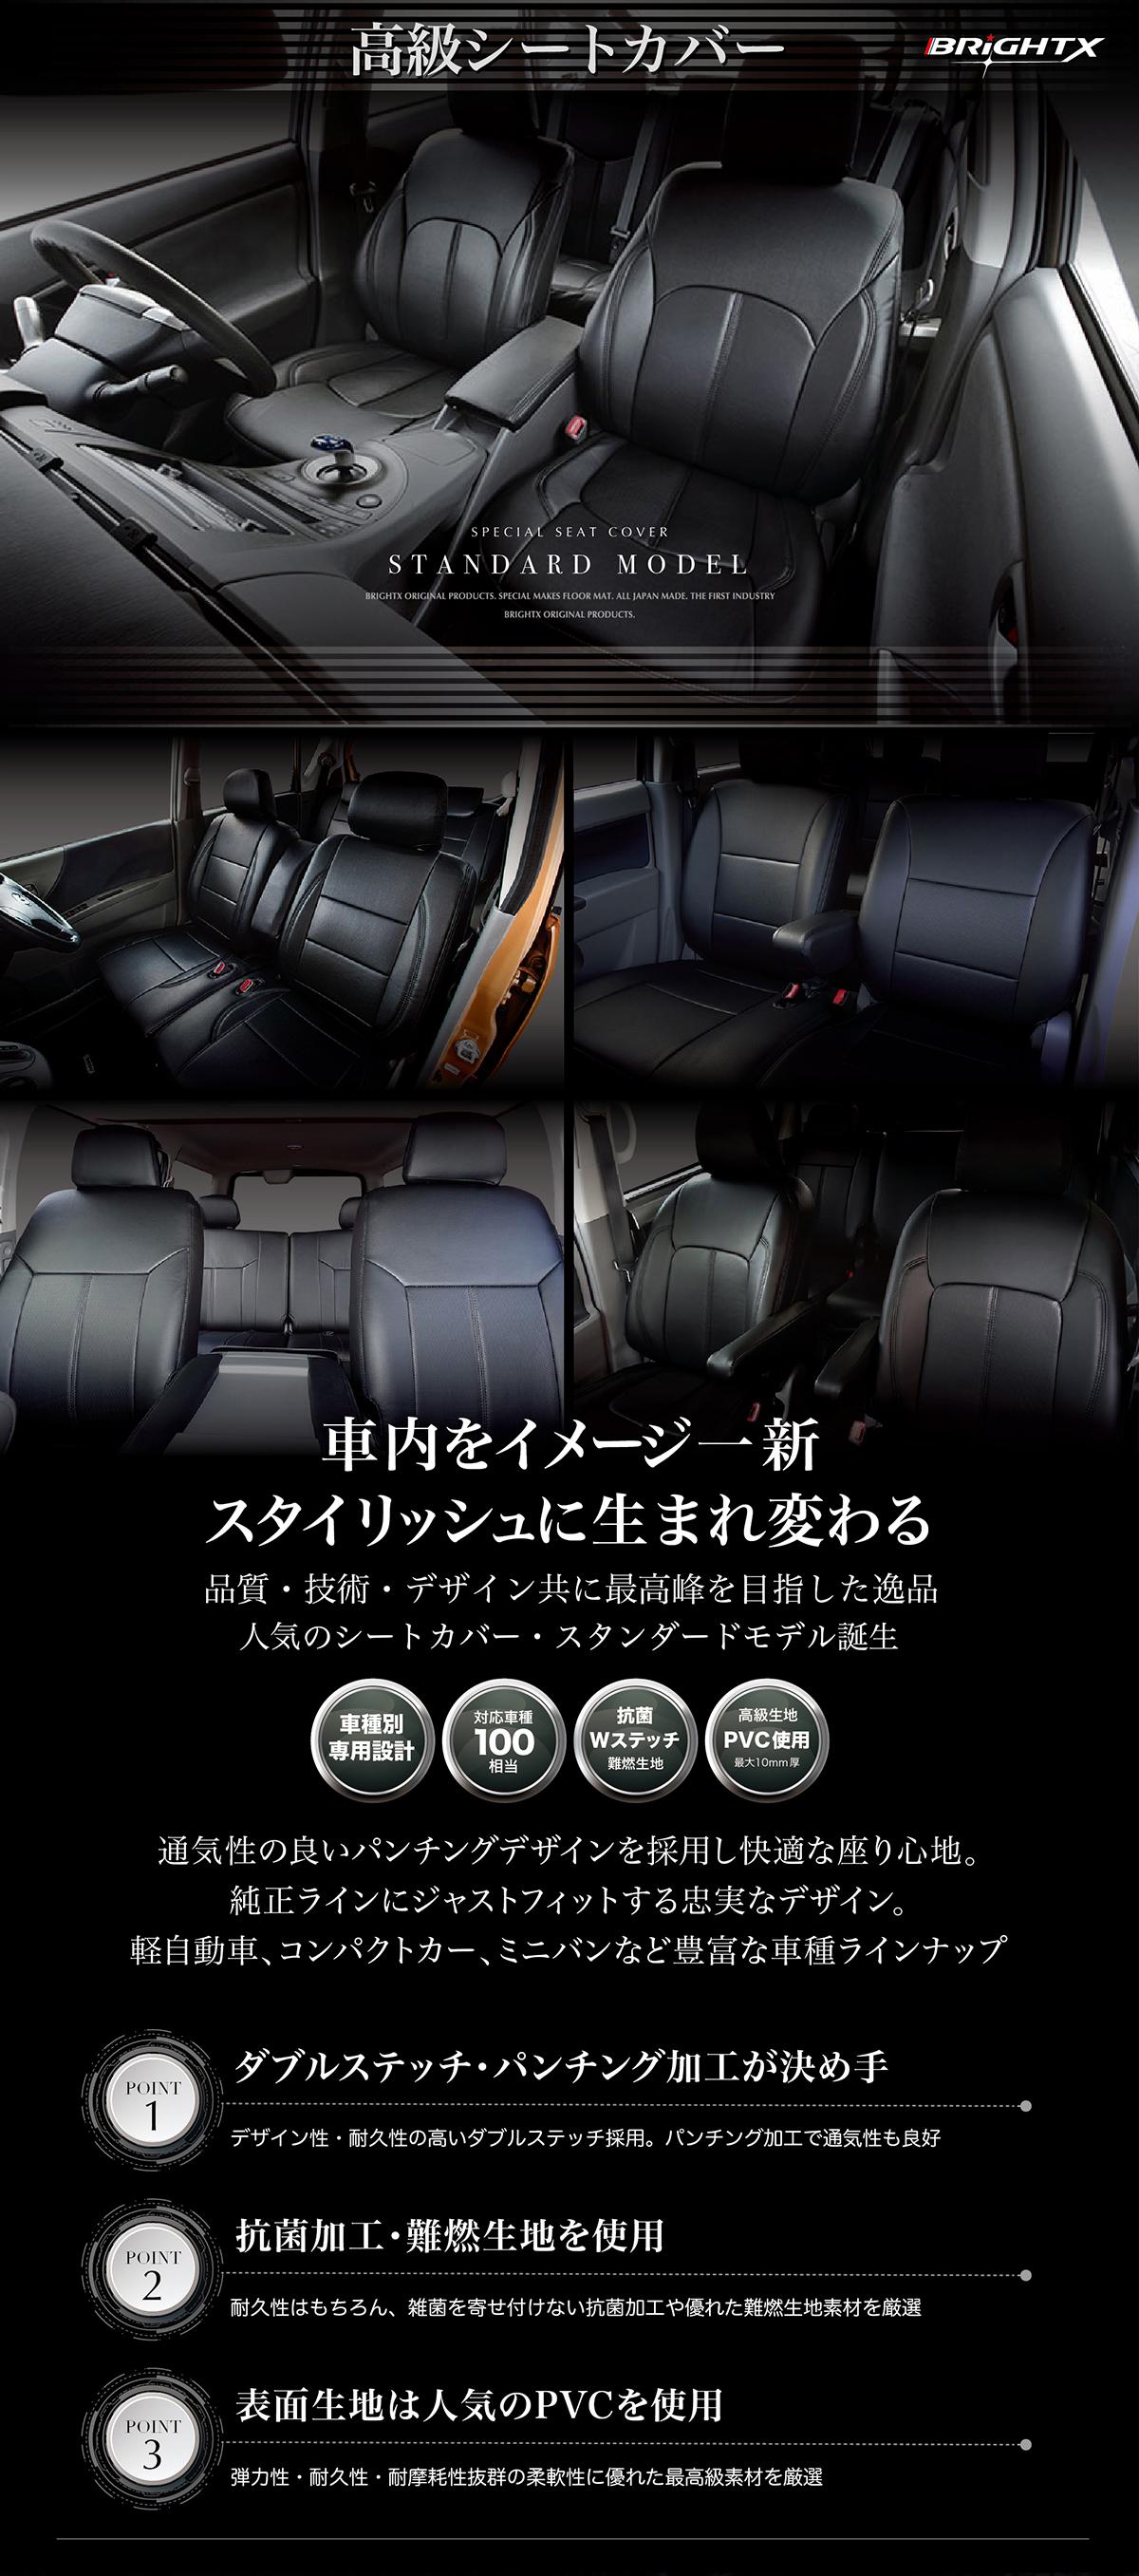 高級シートカバー/スタンダードモデル